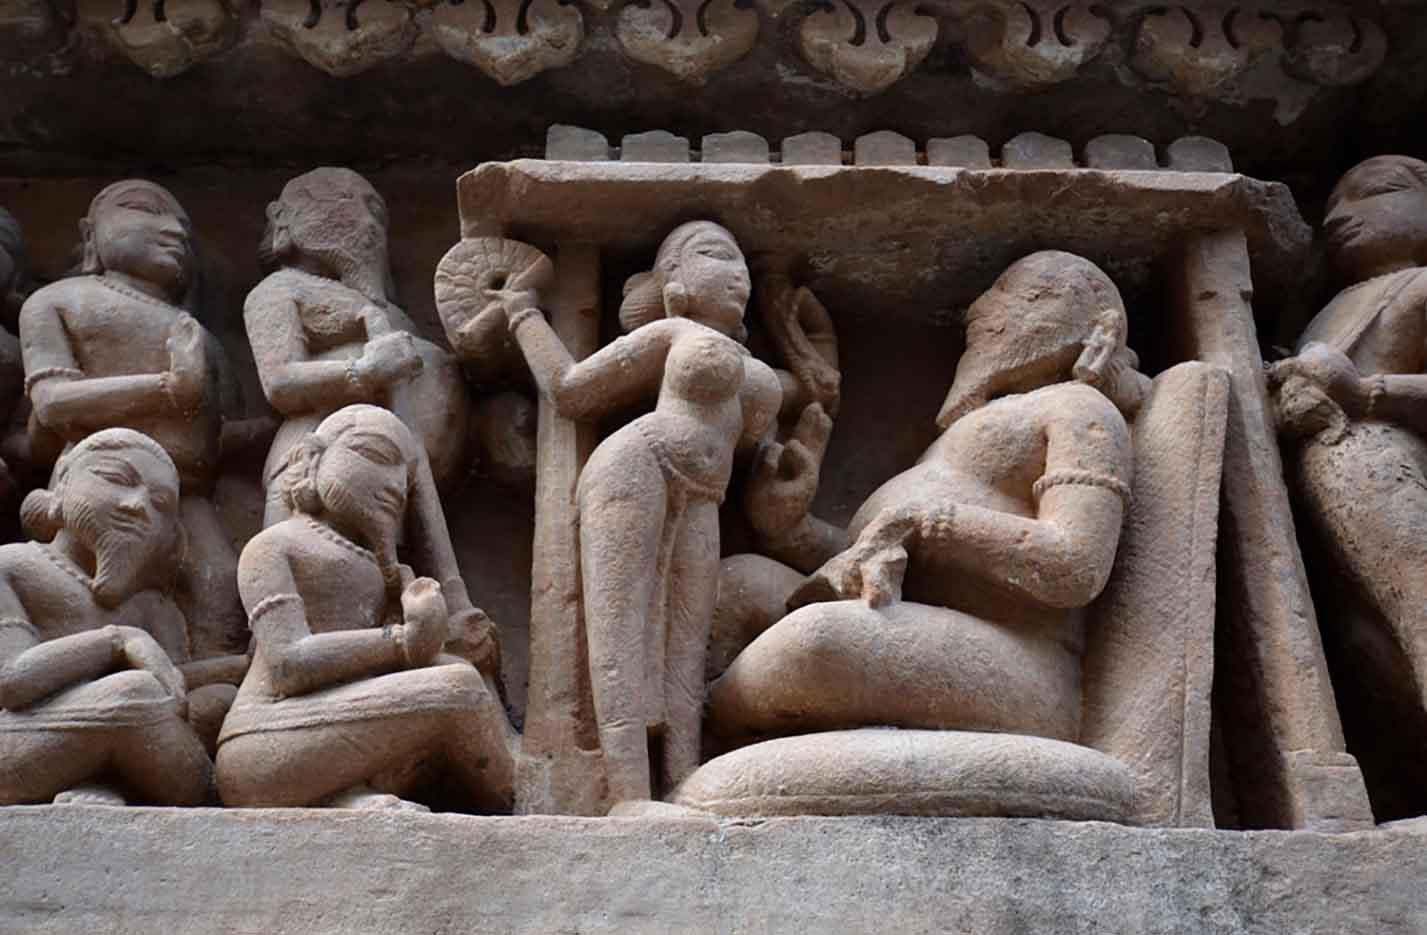 Храмы Кхаджурахо, Khajuraho Temples - 28